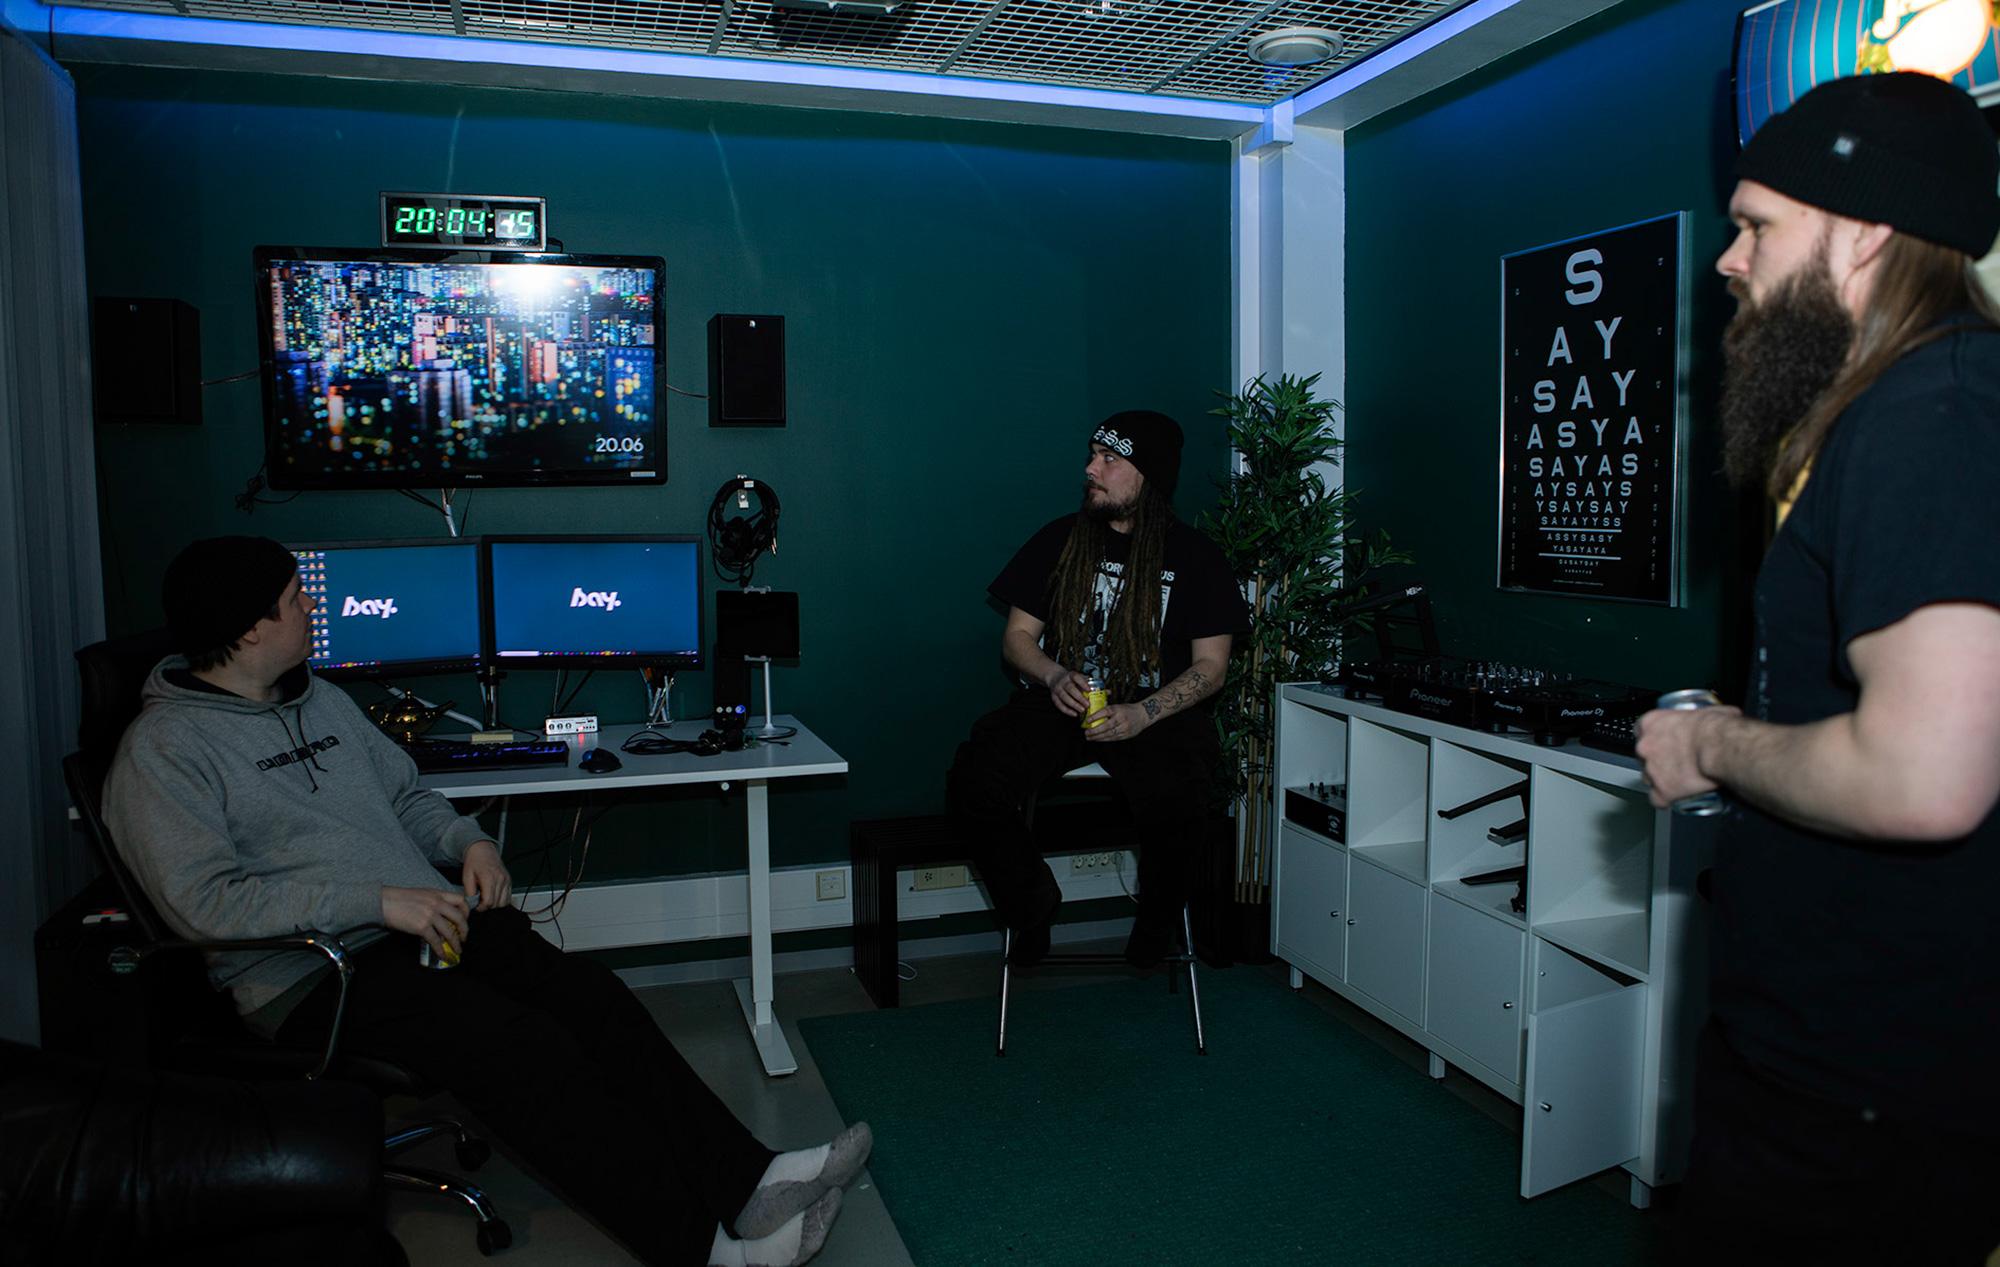 Kolme miestä hengailee sinisesti valaistulla studiolla näyttöruutujen ääressä oluttölkit kädessä.